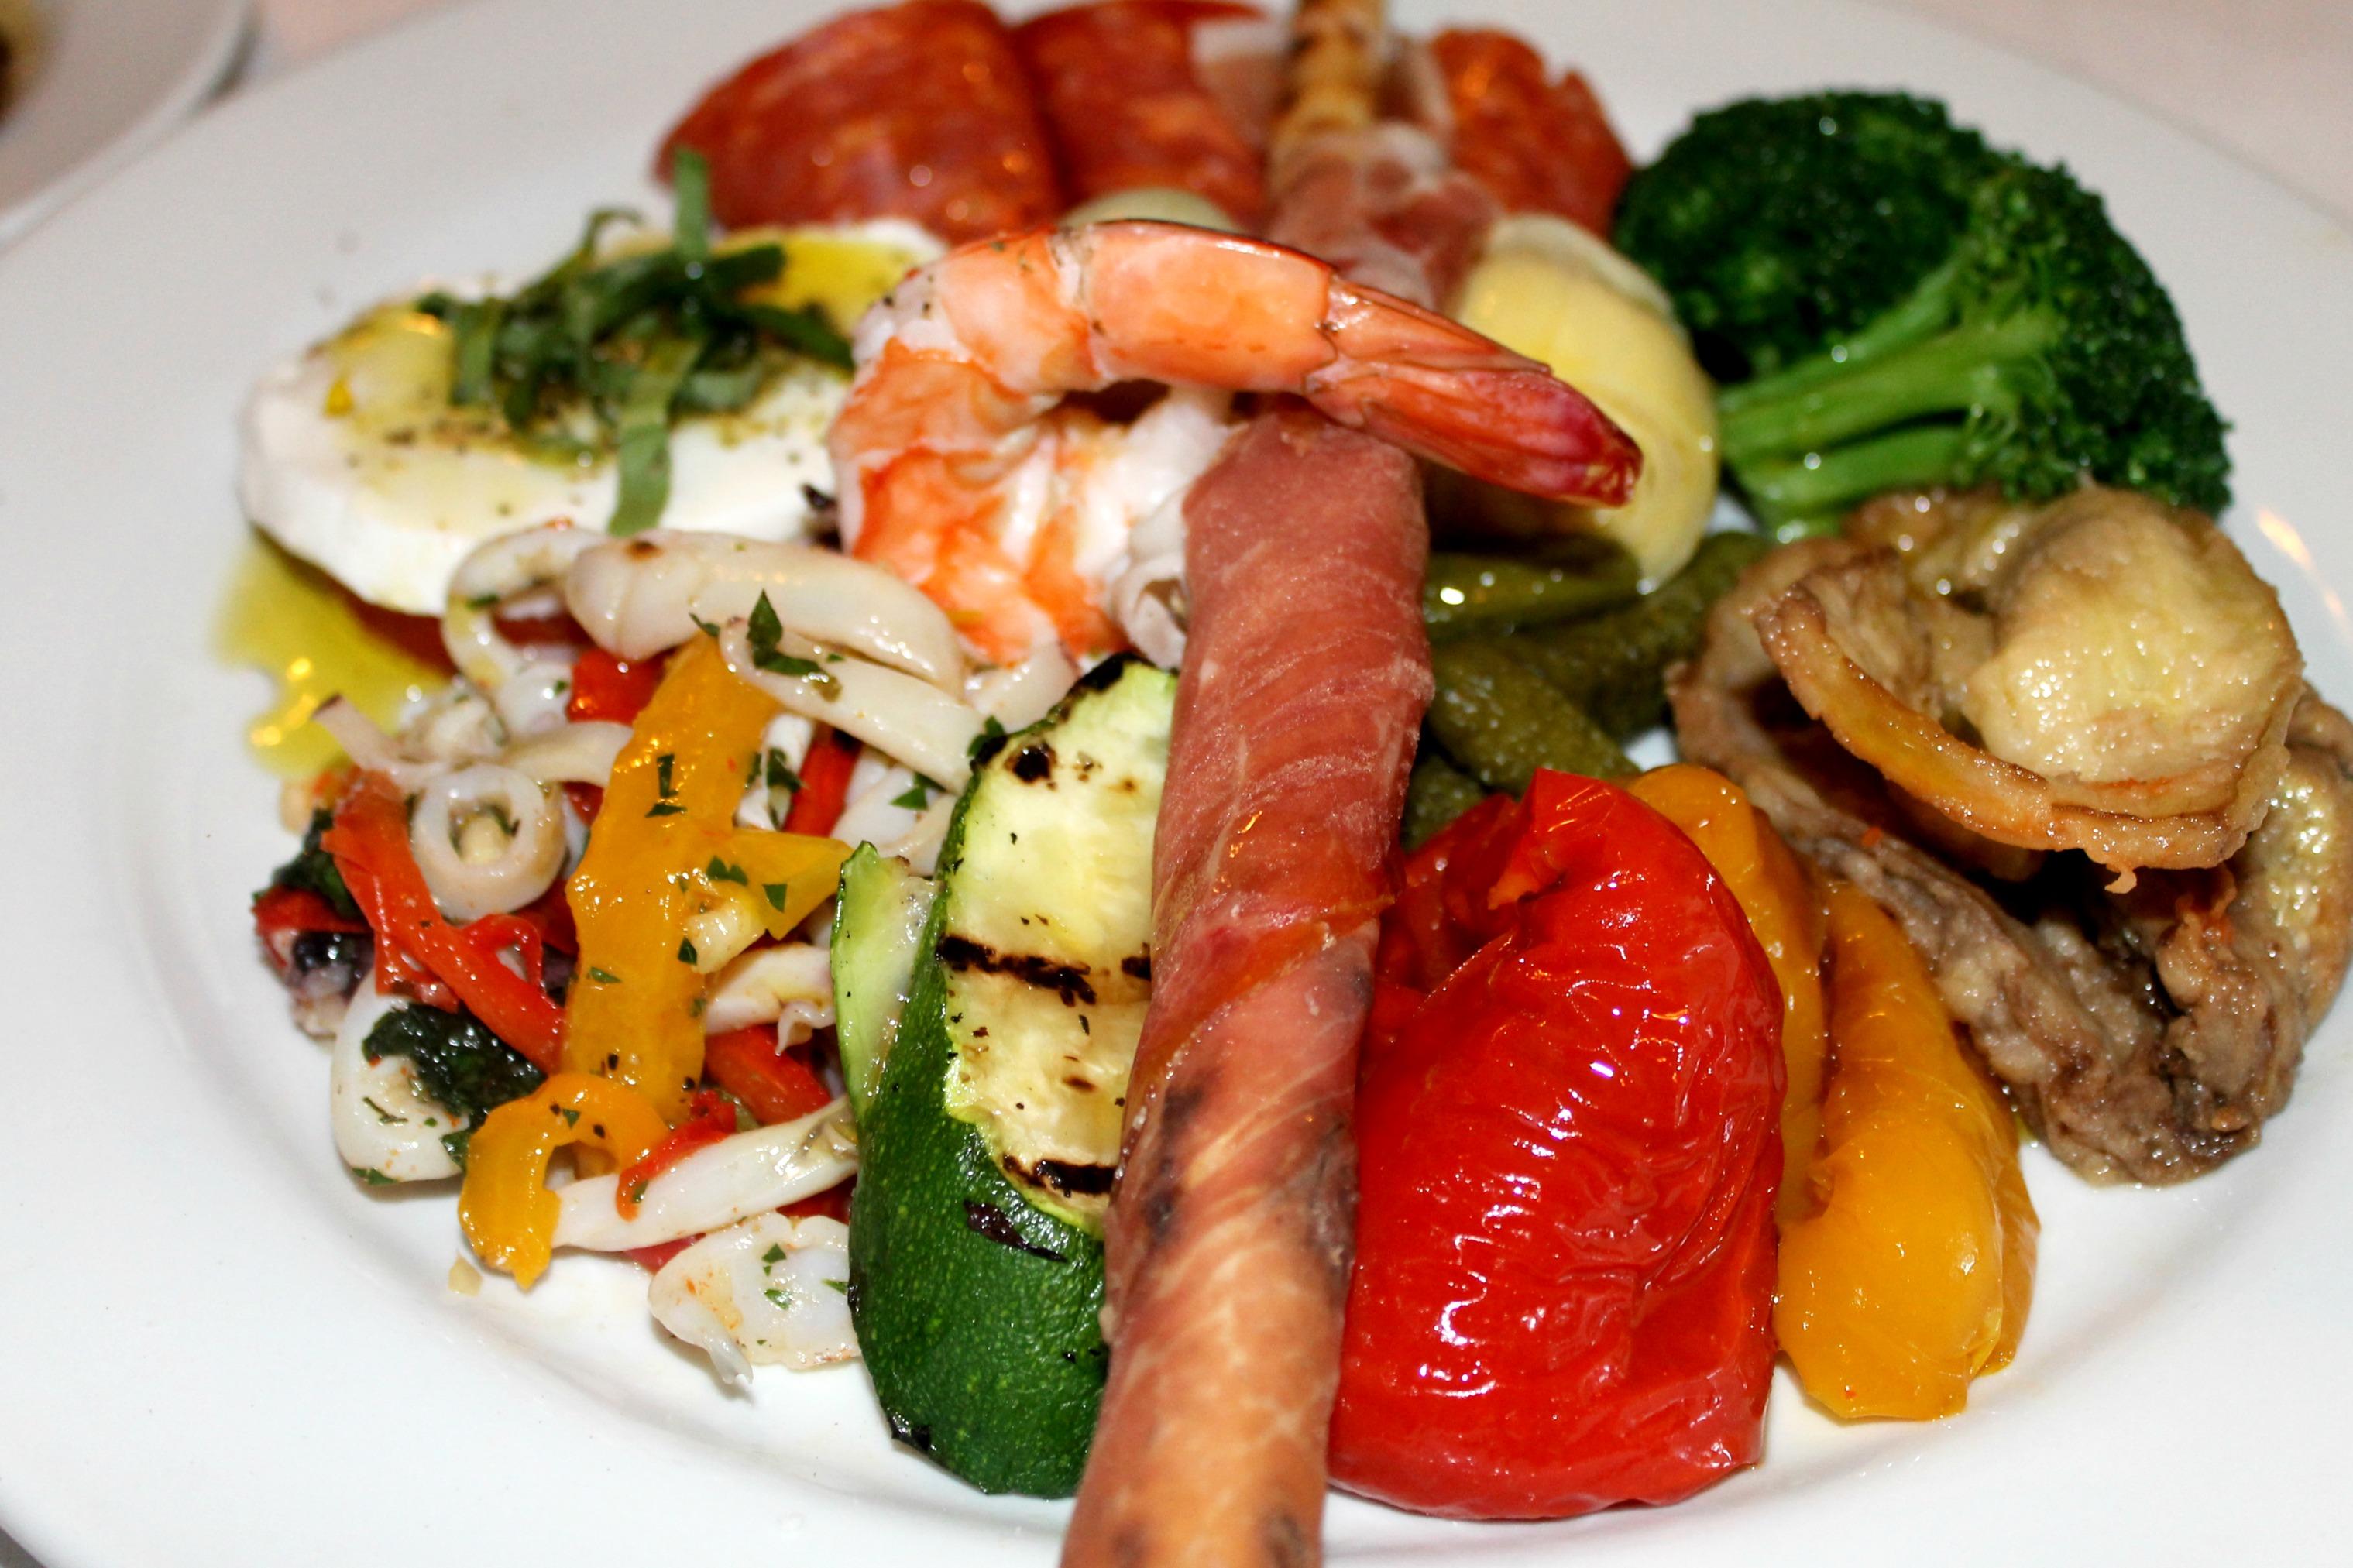 Trattoria Grappolo Antipasto Salad